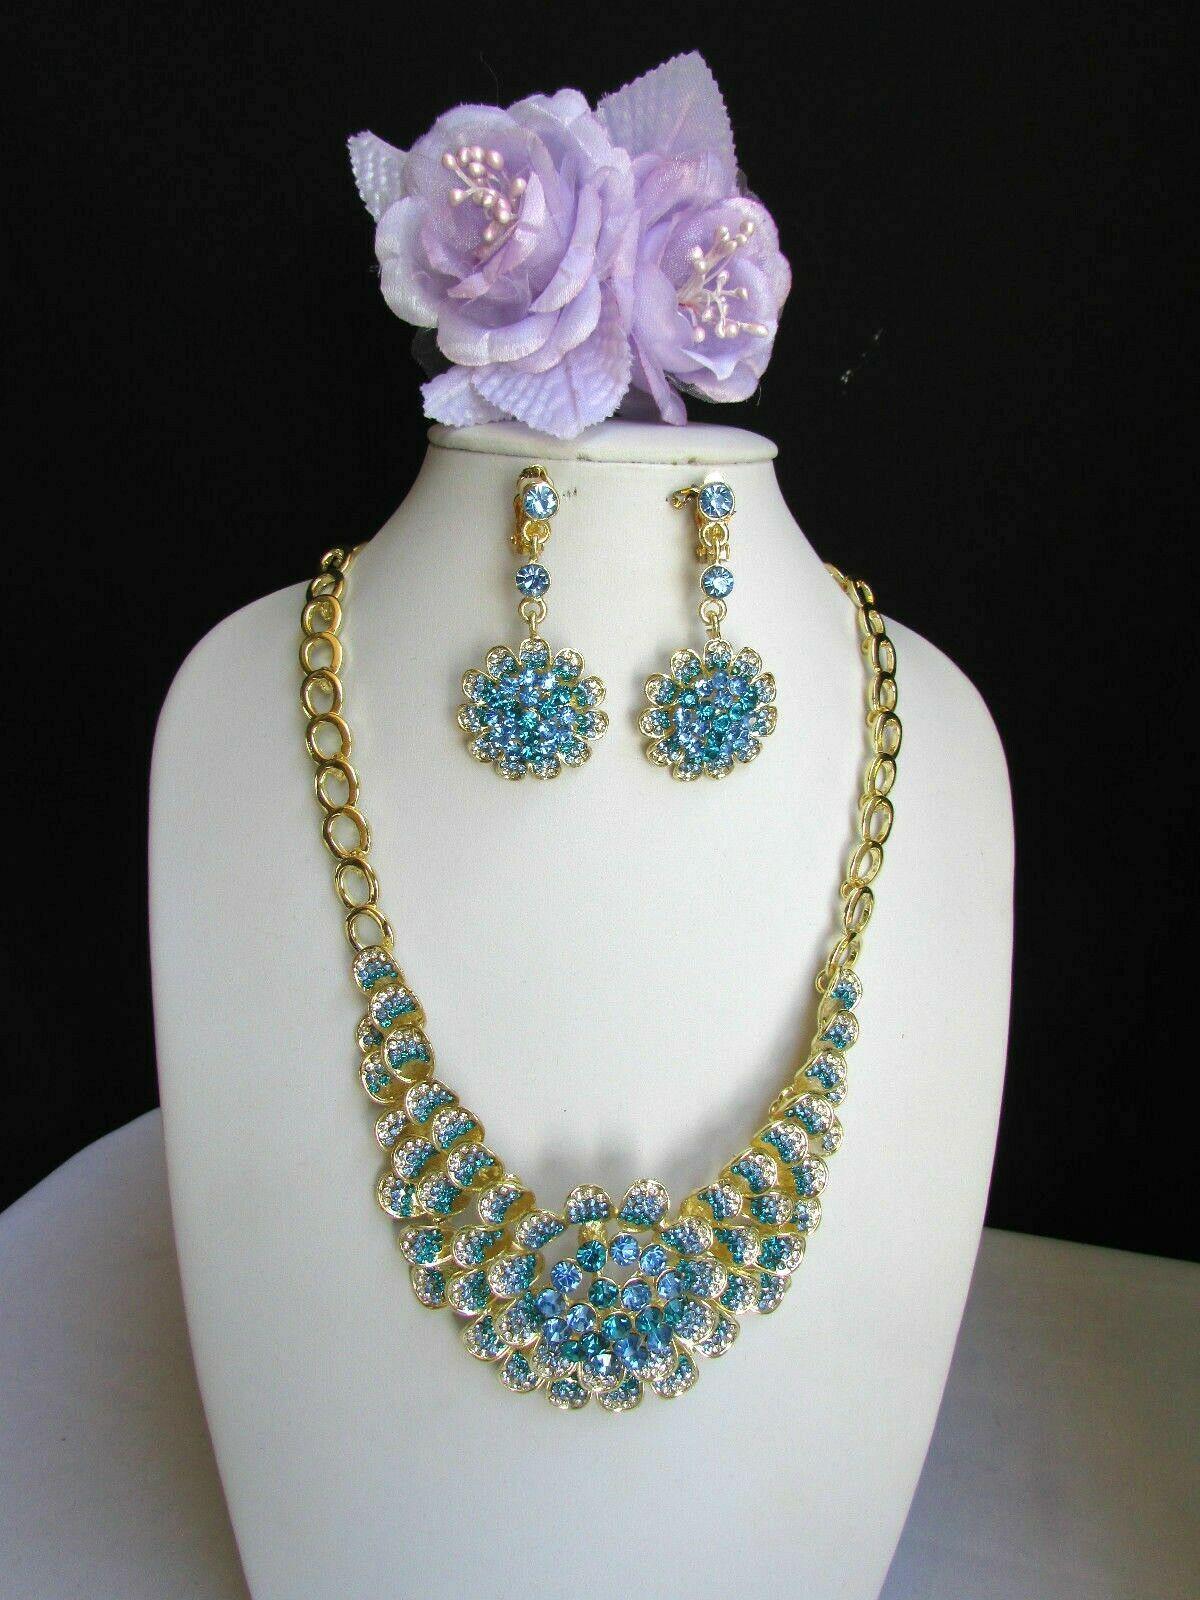 Nuevo Mujer Grande Dorado Flor Tendencia Jewelry Azul Diamantes Collar image 2